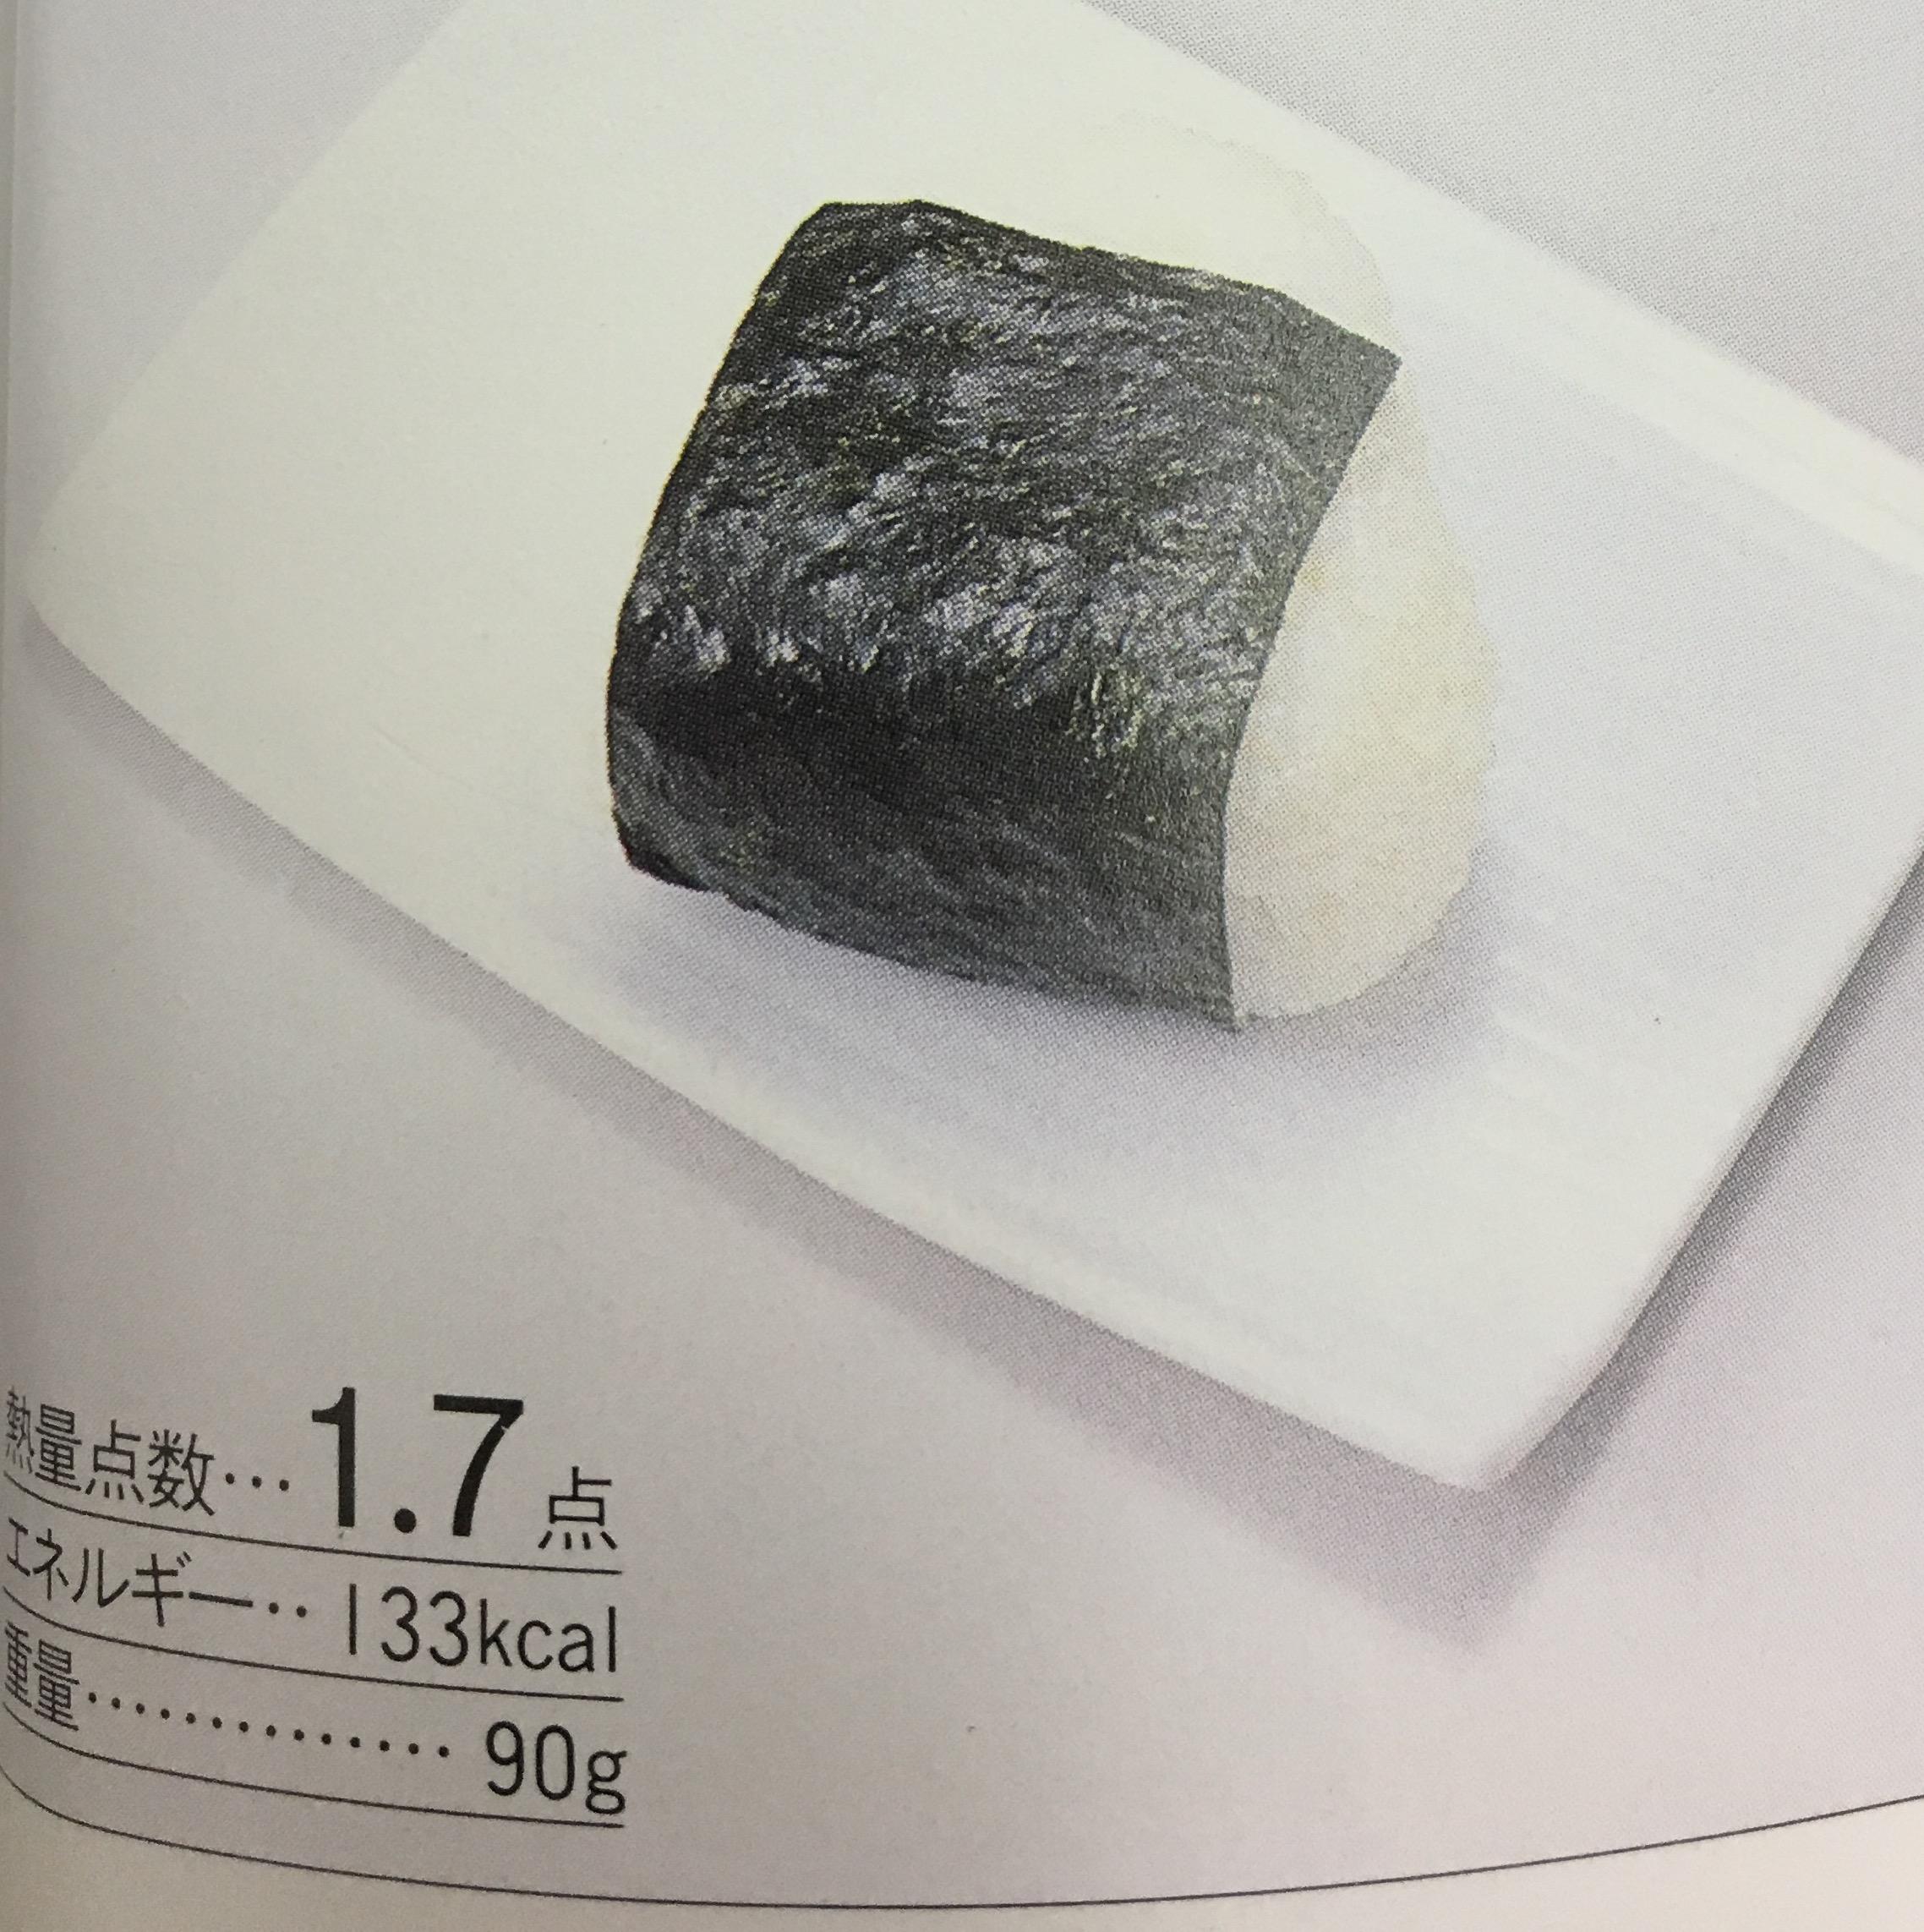 [ブログ]冷凍食品を揚げると高カロリー